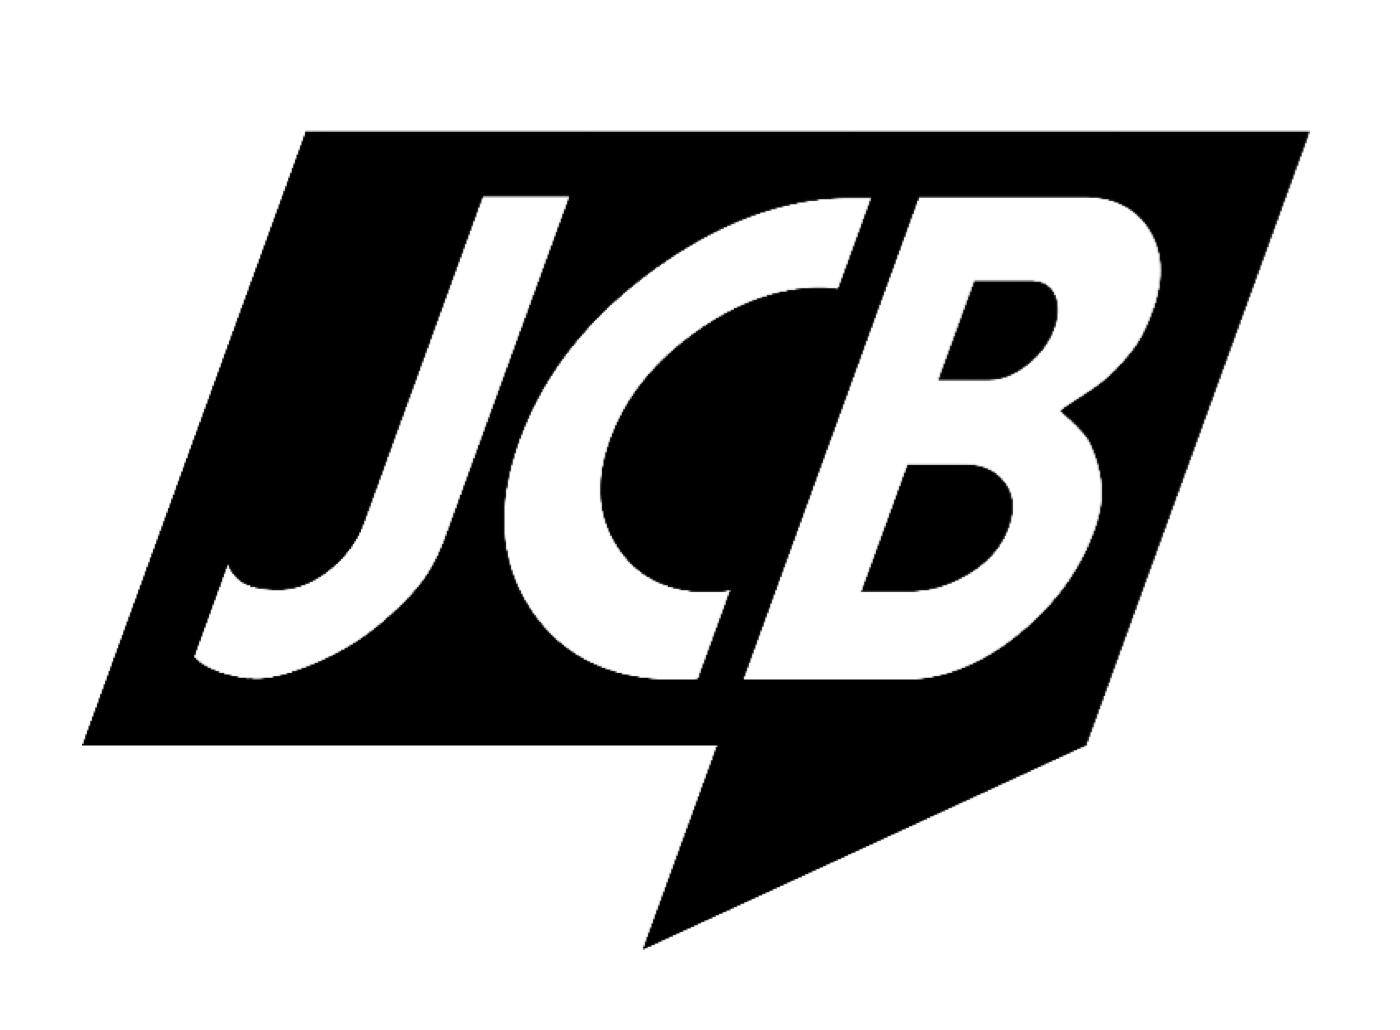 brandamazing GmbH